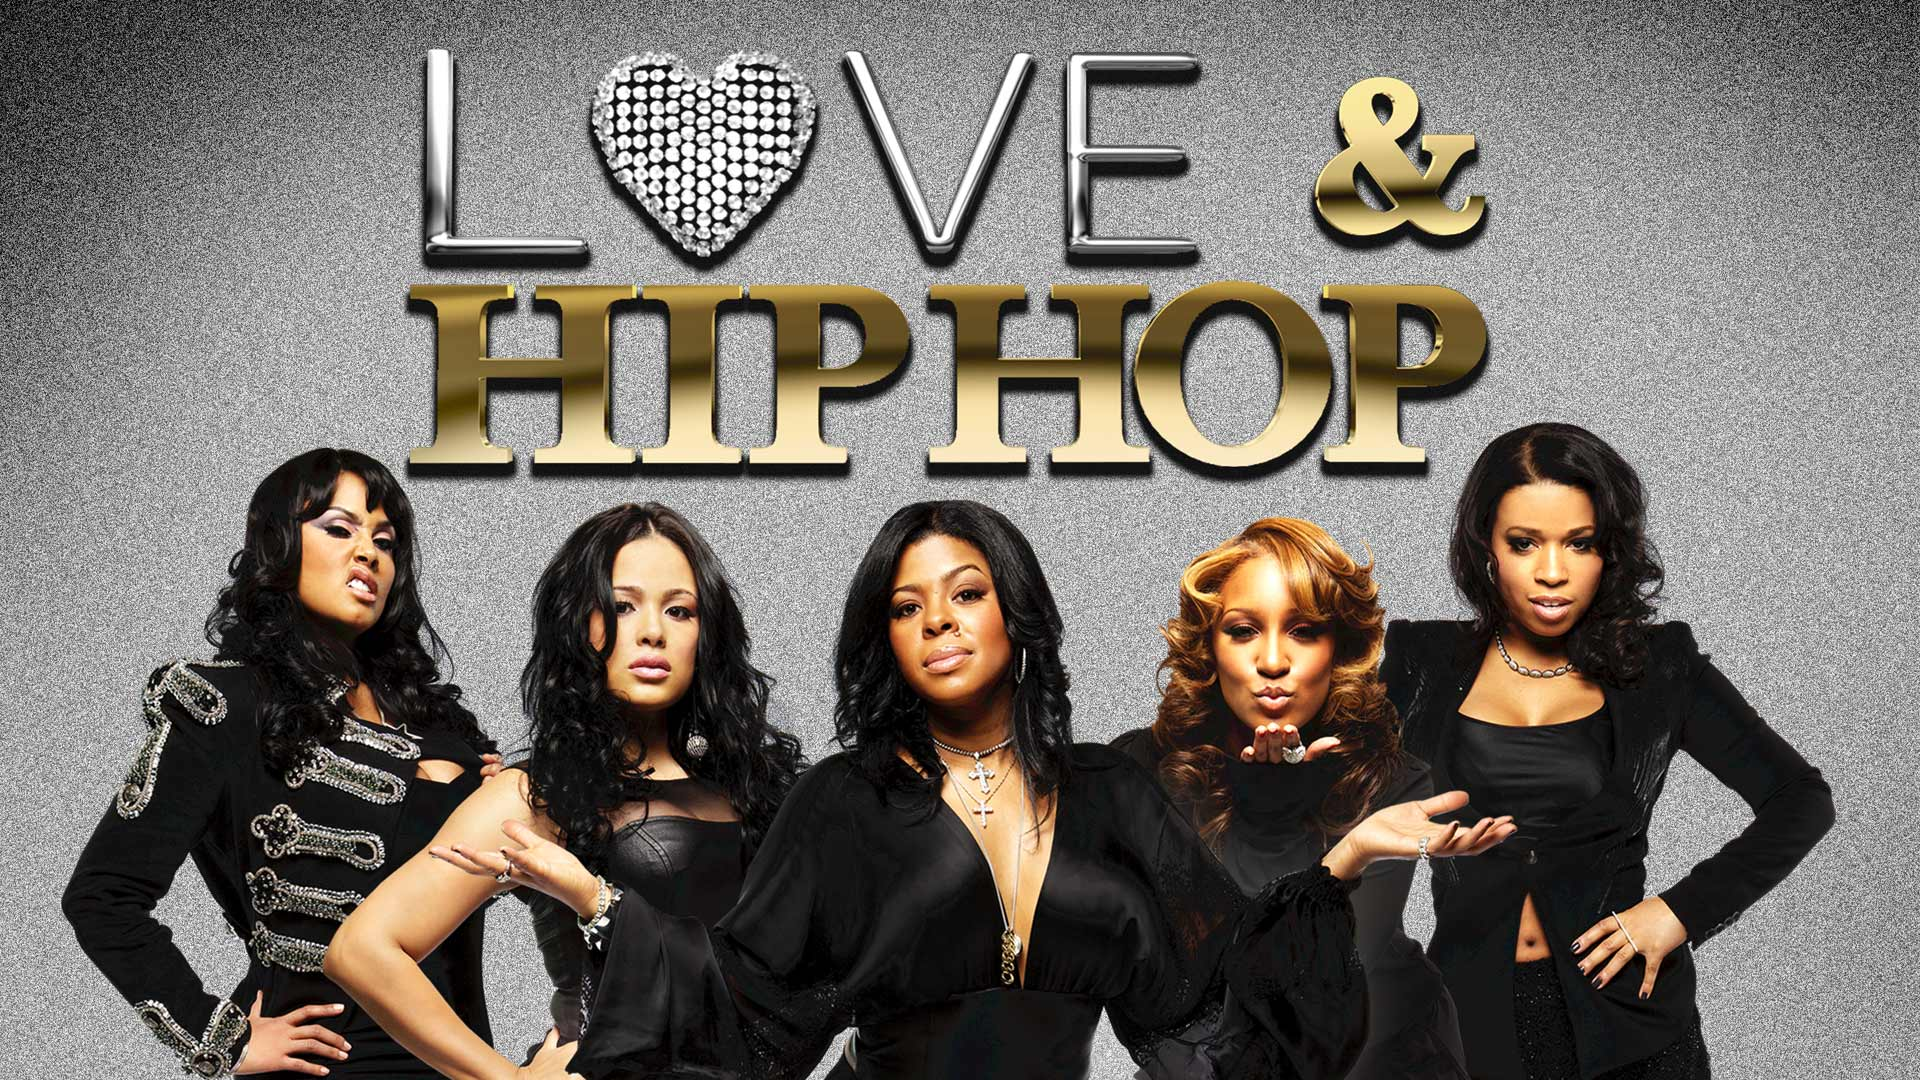 Love & Hip Hop Season 1